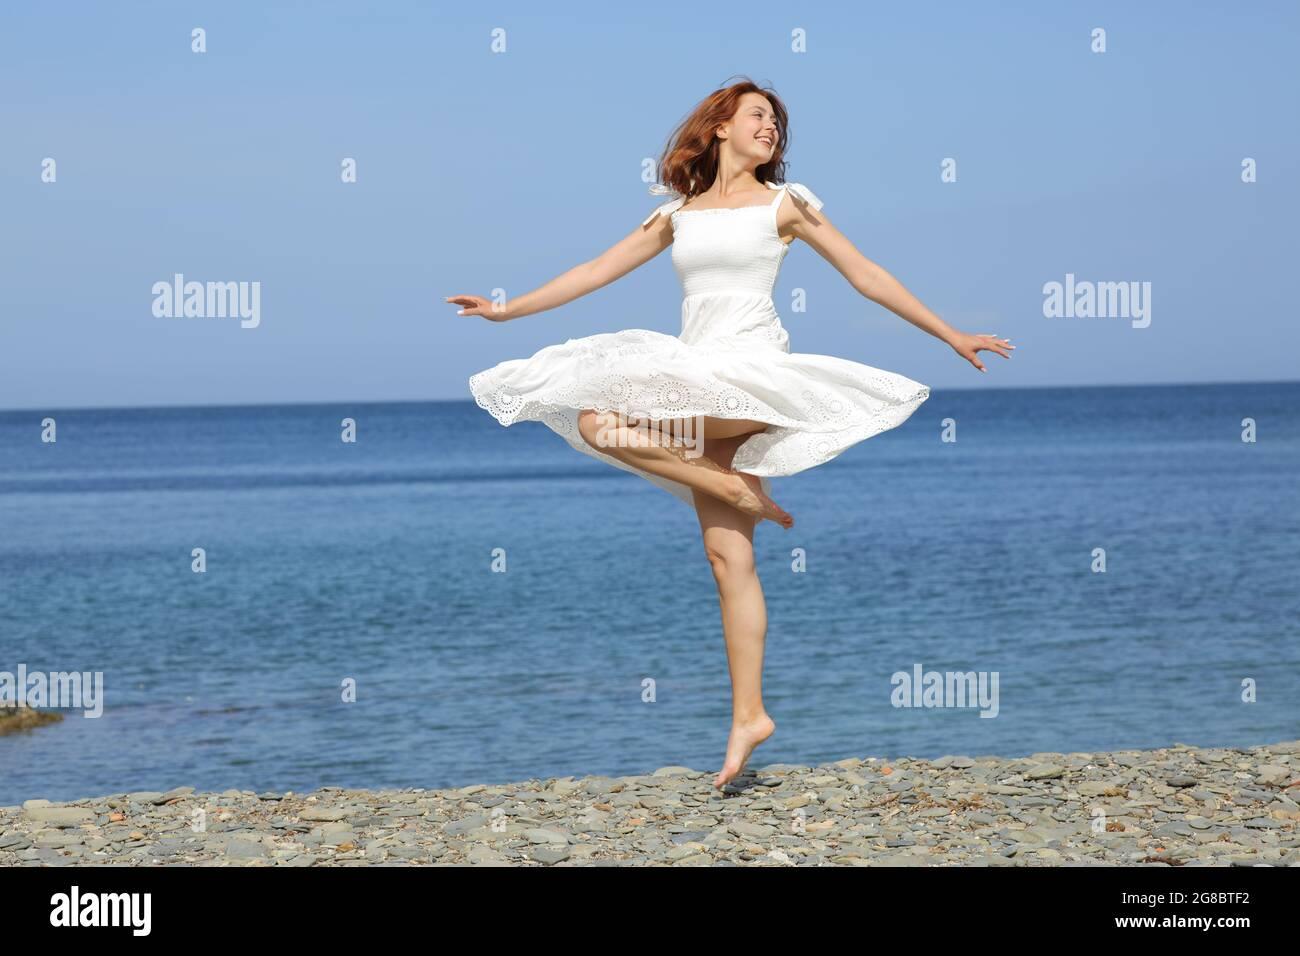 Bonne femme portant une robe blanche en tortillonnage sur la plage Banque D'Images